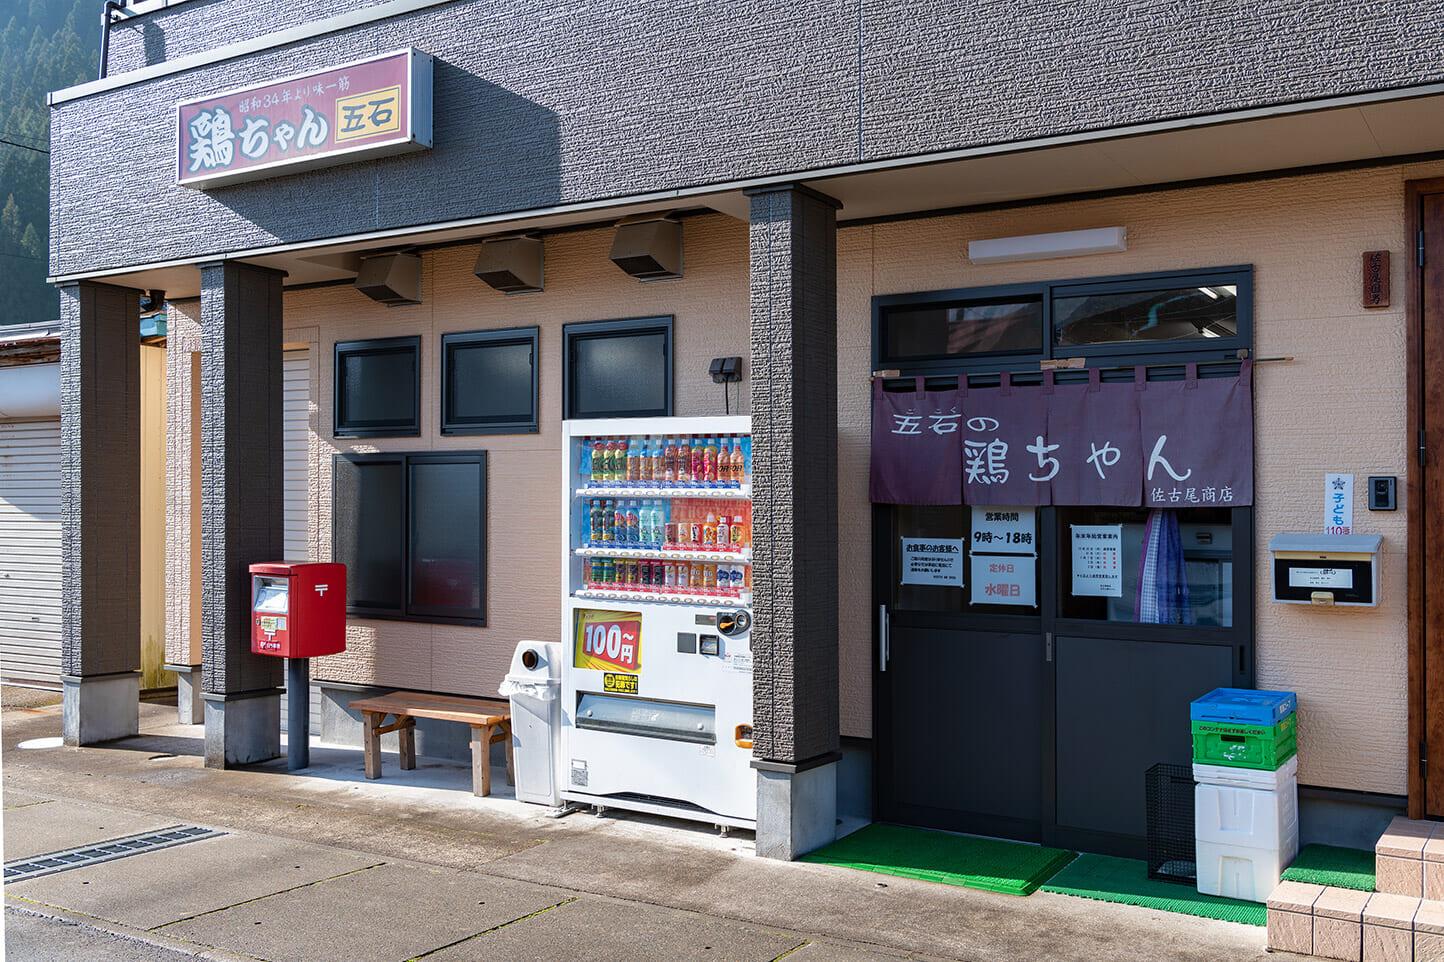 佐古尾商店 五石の鶏ちゃん スライダー画像1